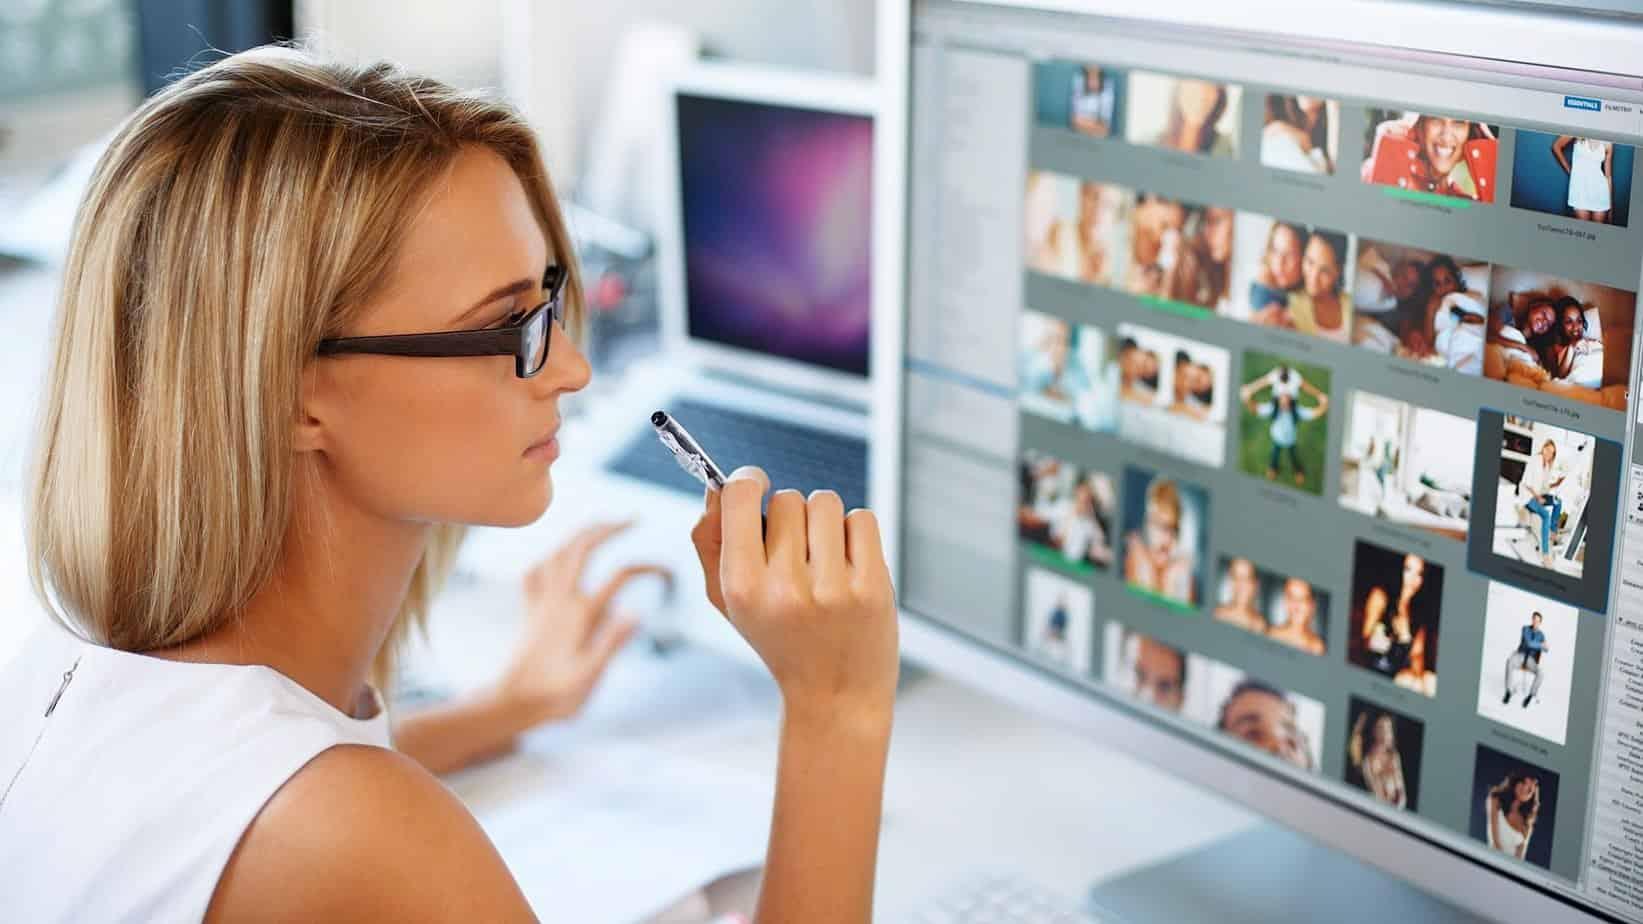 graphic-designer-computer